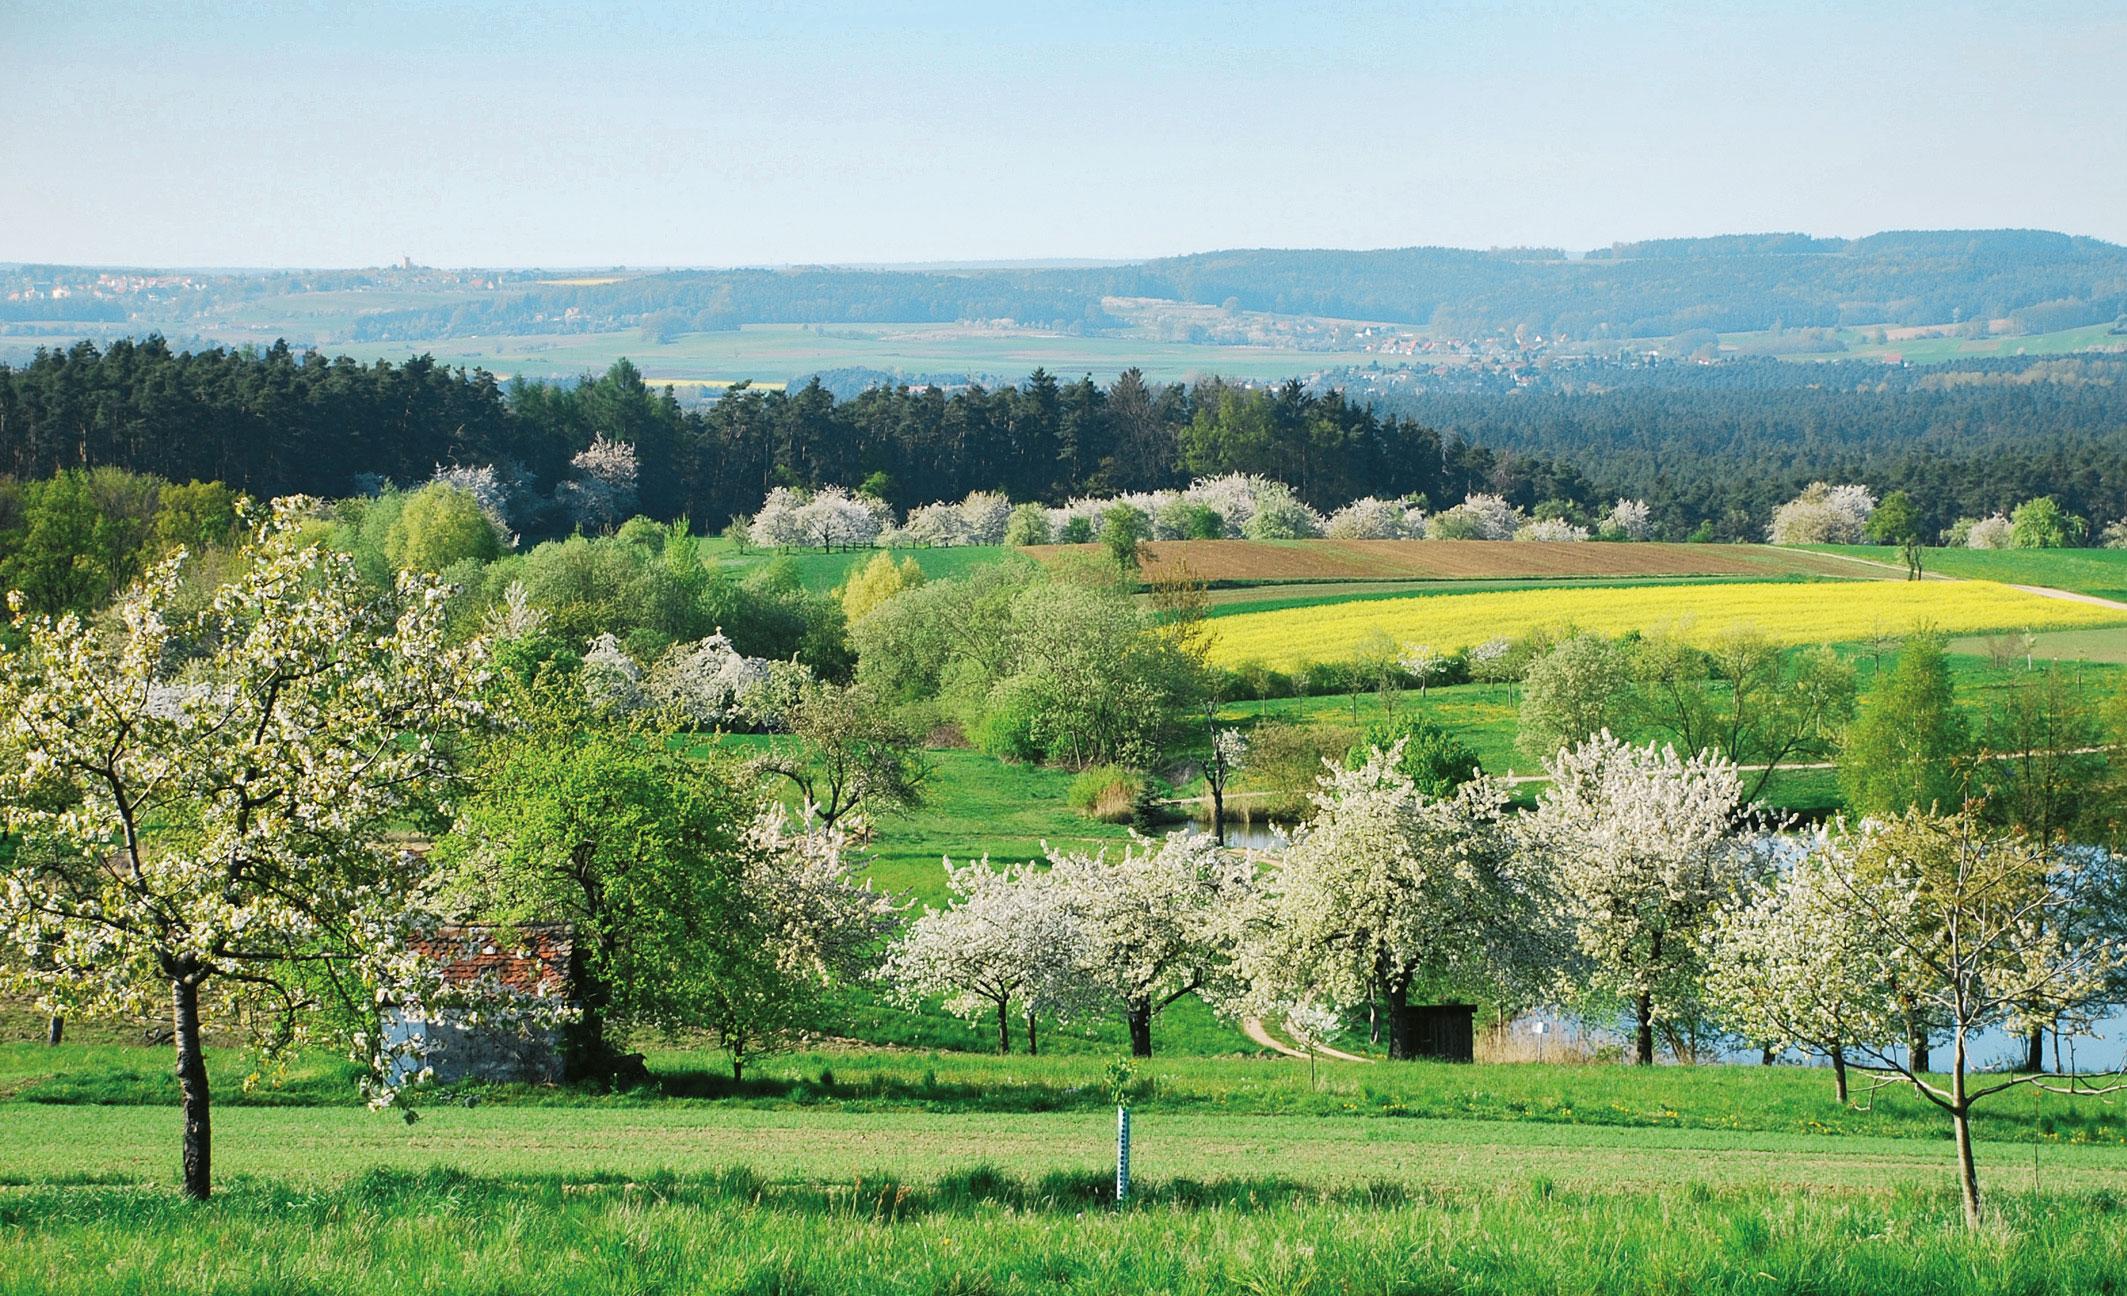 Landschaft braucht Pflege - Landschaftspflegeverband Mittelfranken